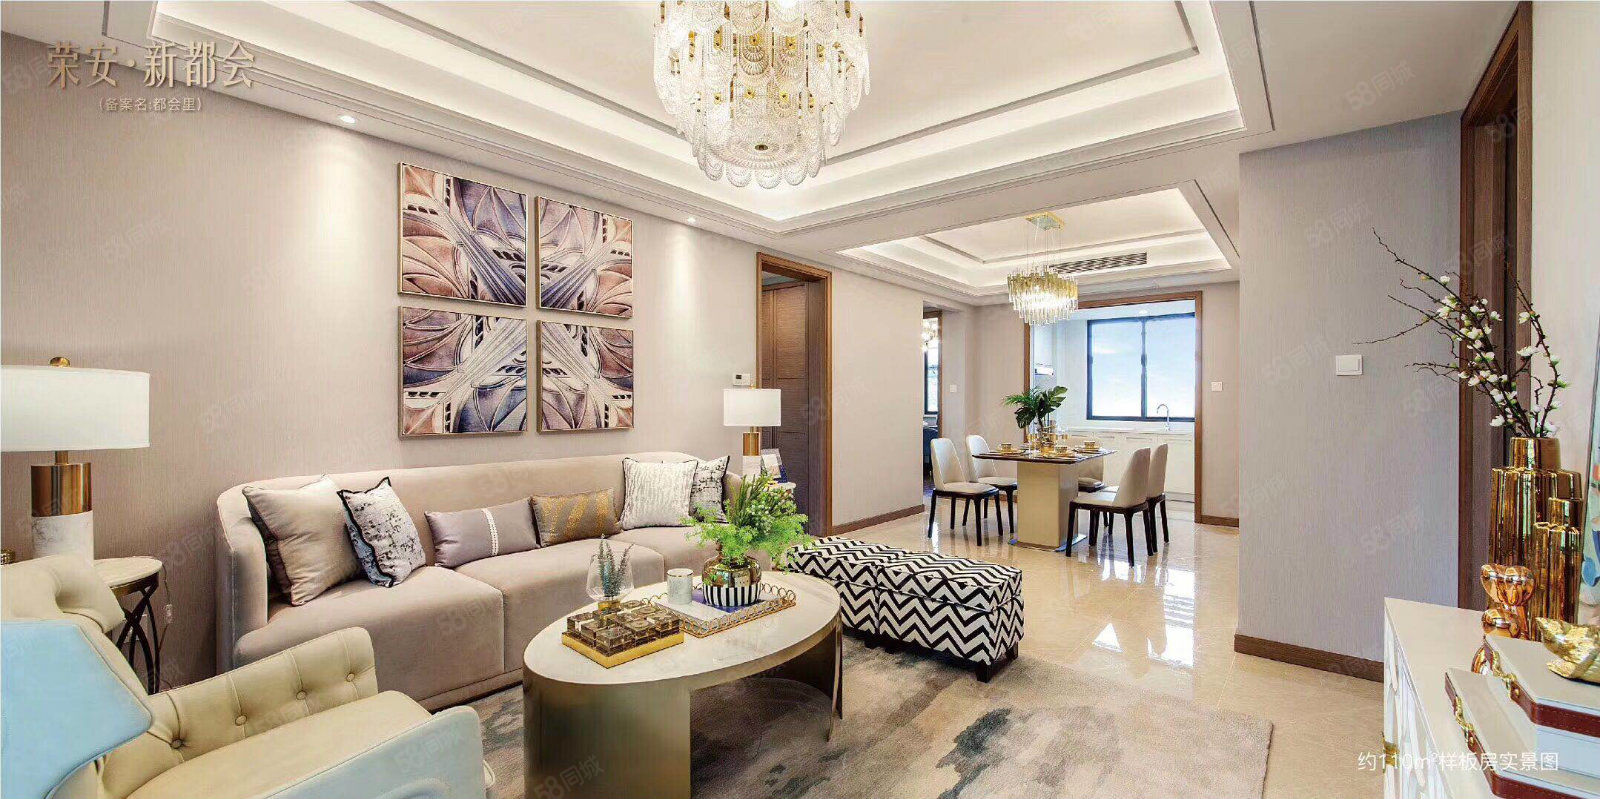 荣安新都会靠近未来高铁站精装修交付大三房户型方正南北通